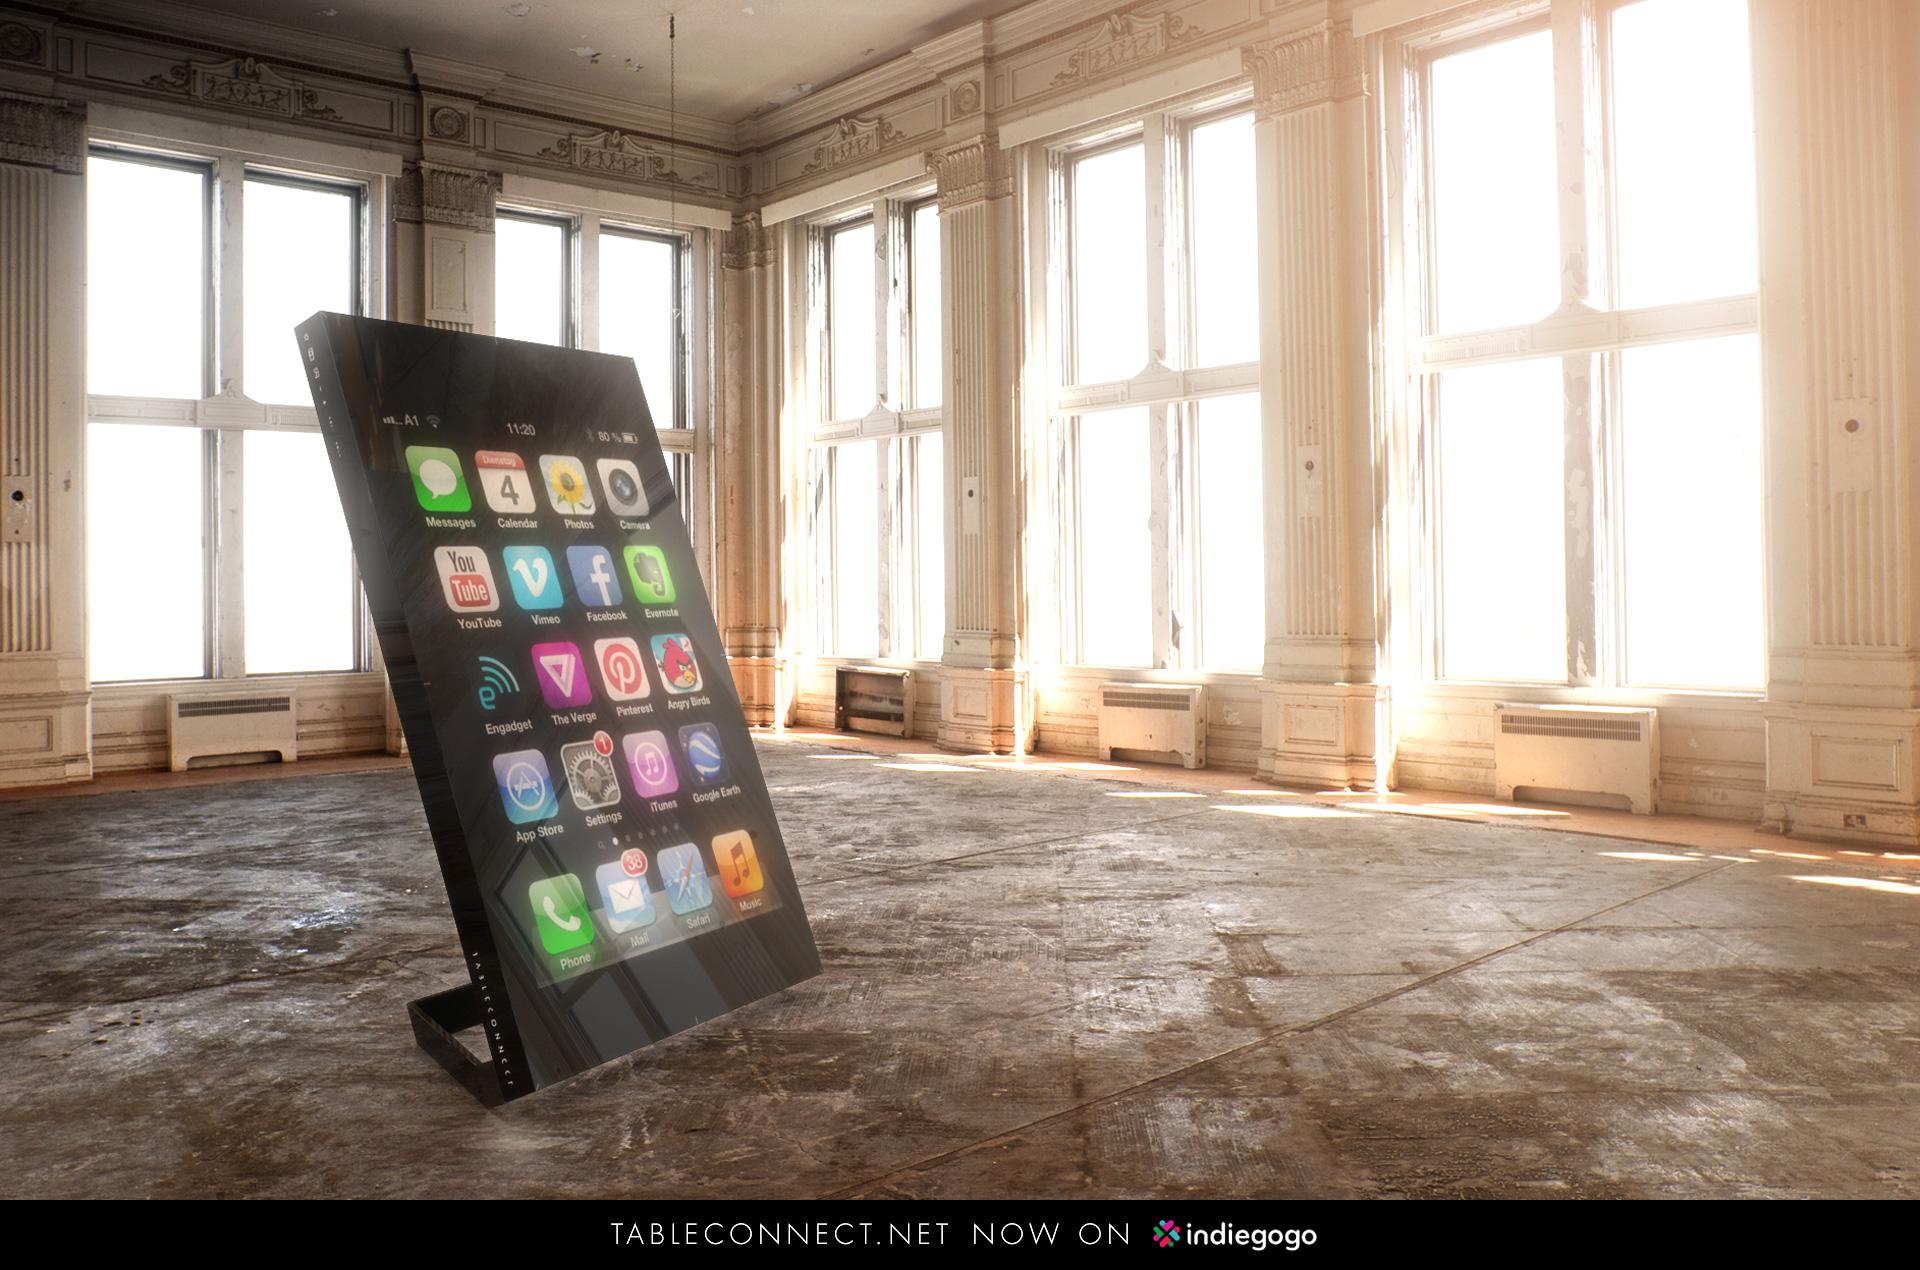 TableConnect bringt das Smartphone auf einen riesigen Tisch. (Foto: TableConnect GmbH)